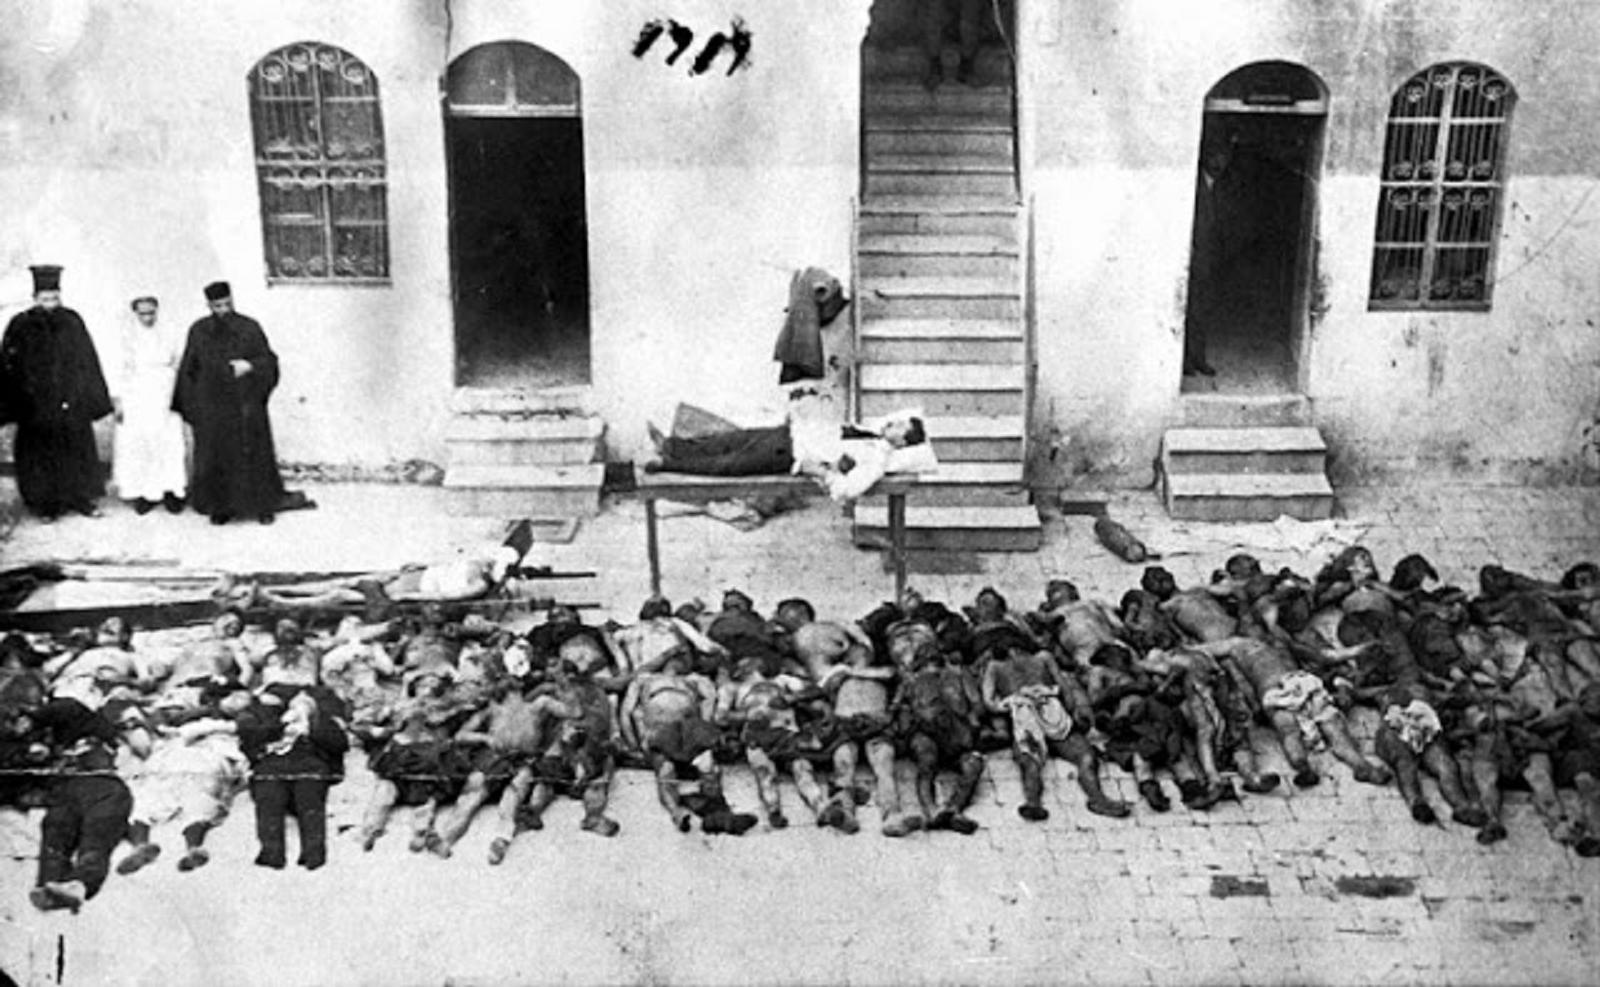 19 ΜΑΙΟΥ: Ημέρα μνήμης της Γενοκτονίας των Ποντίων - Κιβωτός της ...